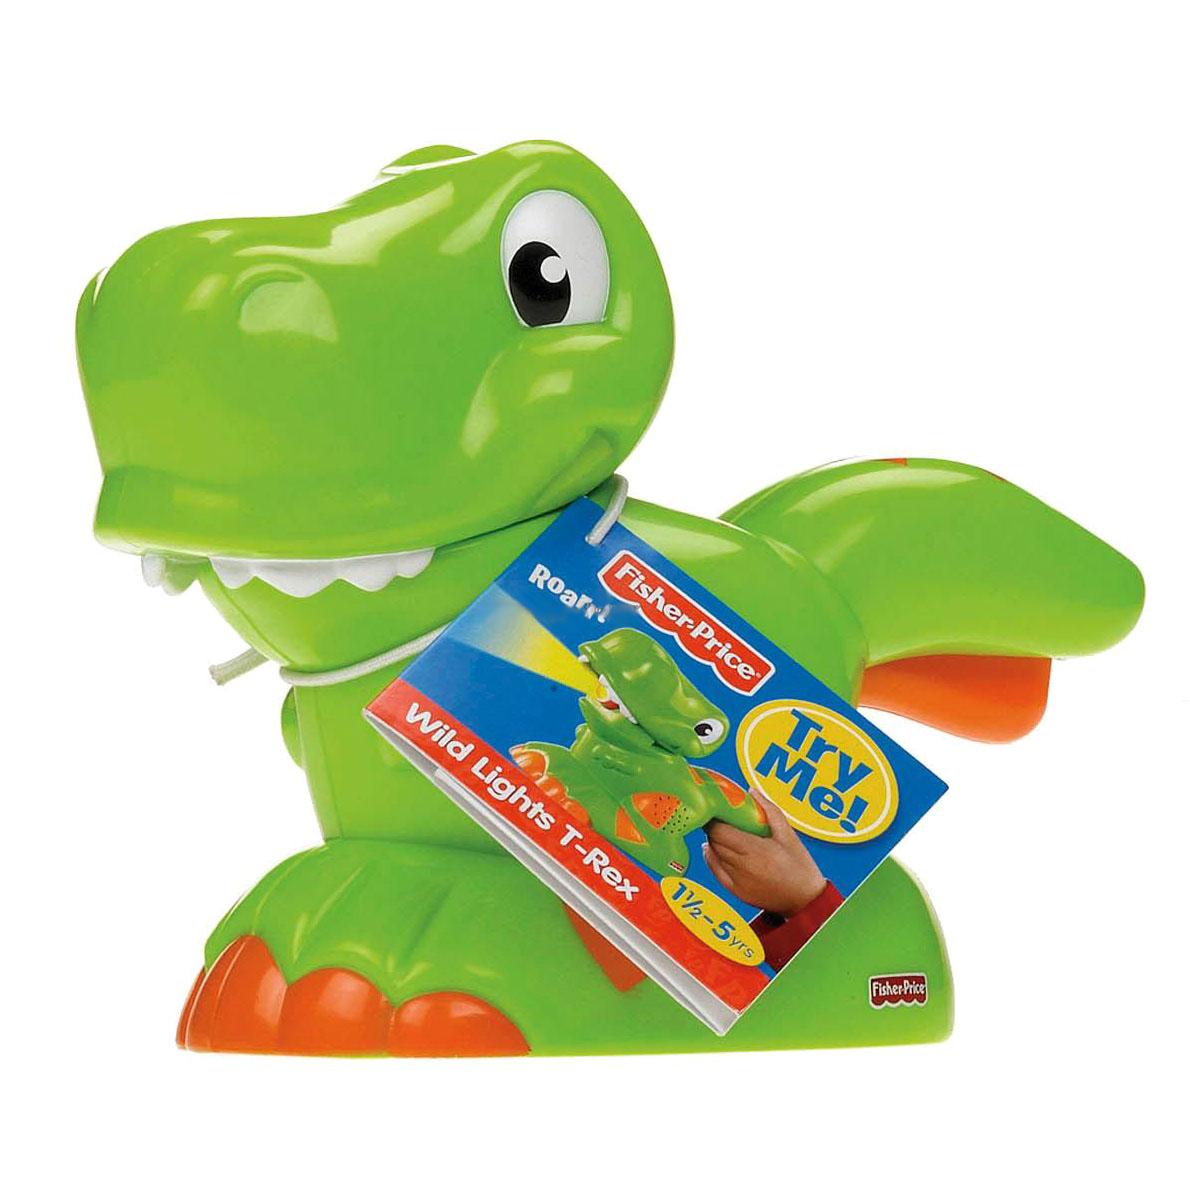 Развивающая игрушка Fisher Price Фонарик со звуковыми эффектами - Зеленый динозаврик<br>